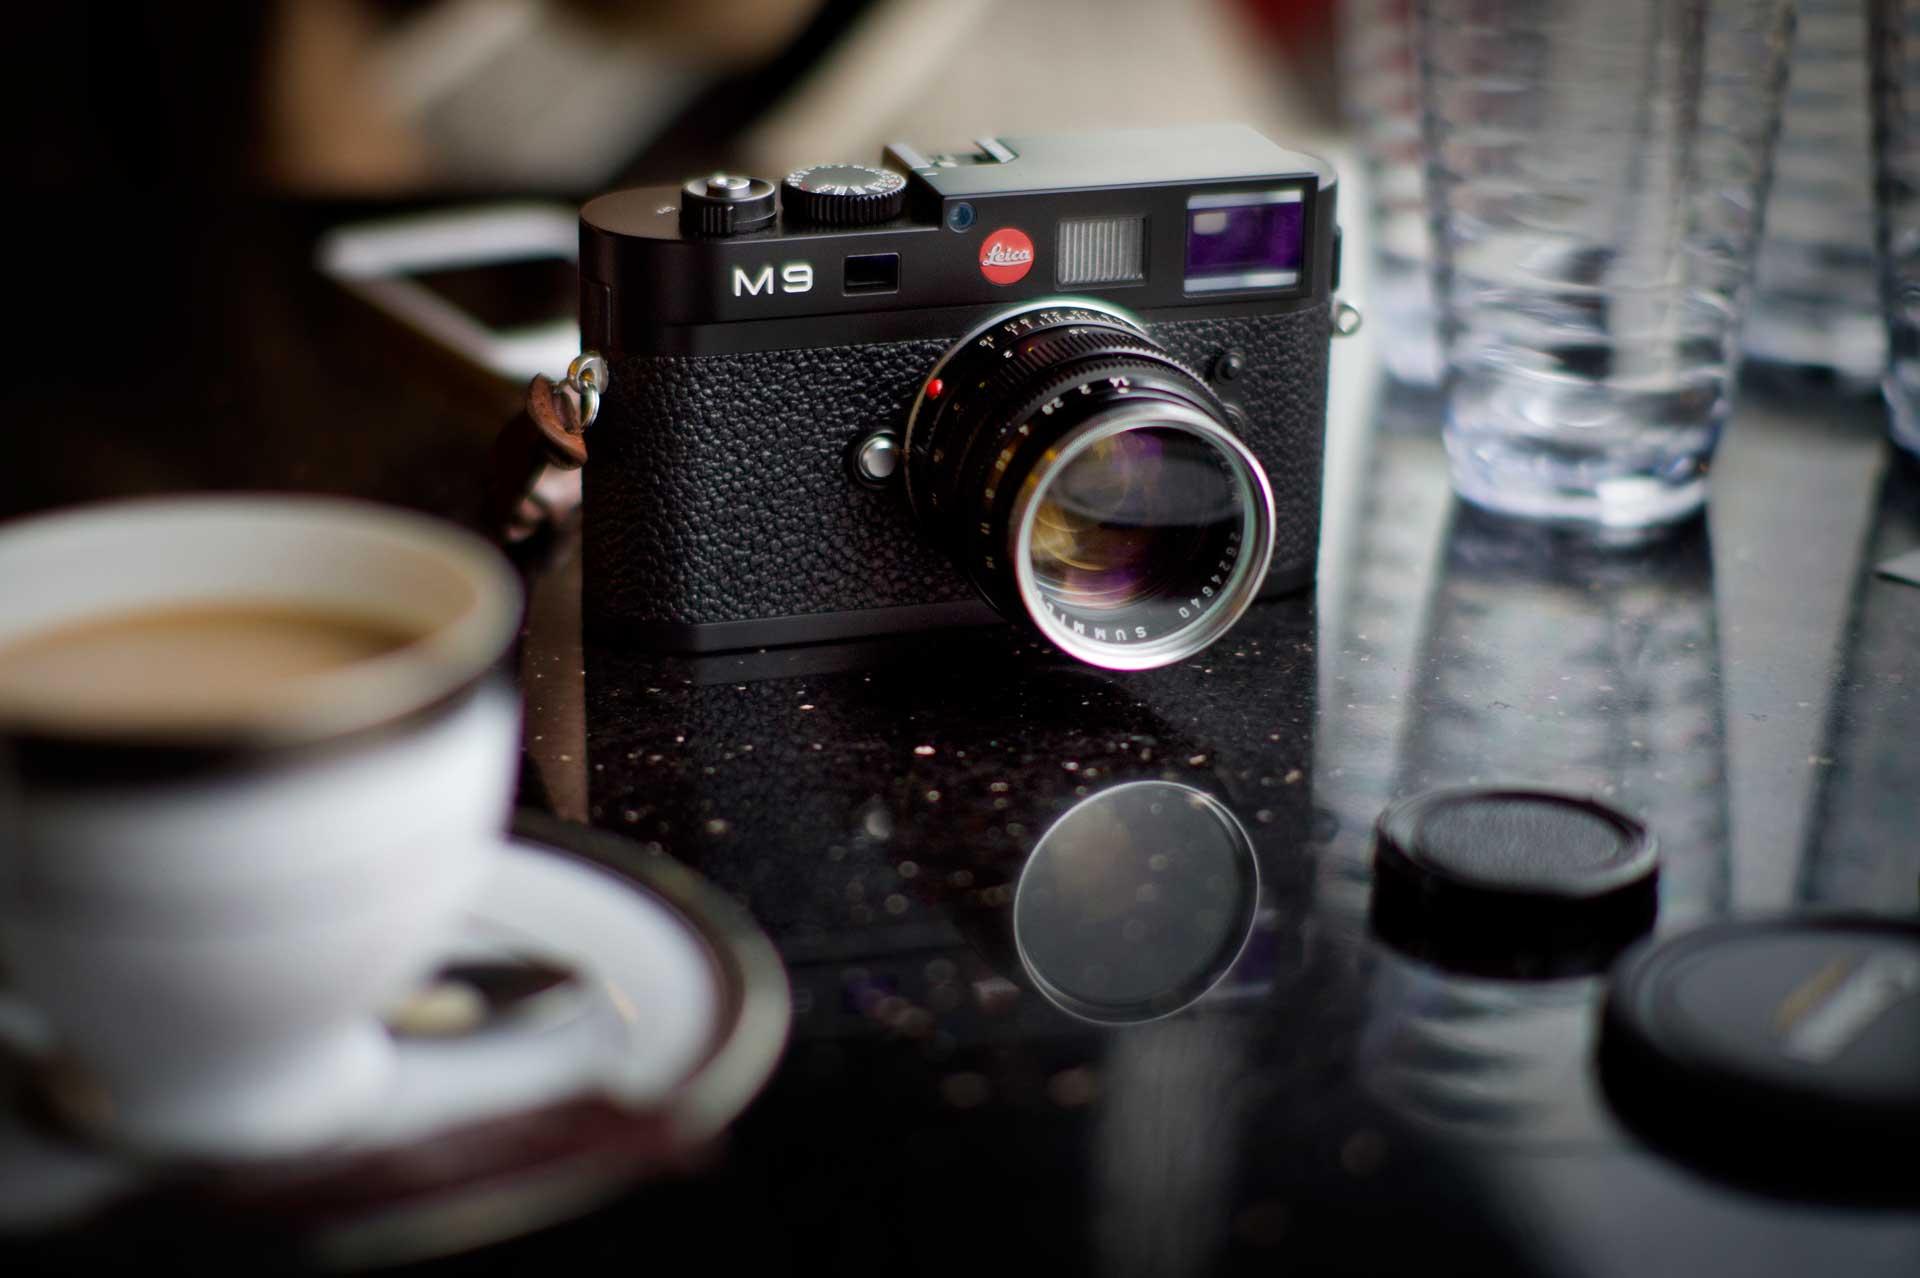 Leica Malaysia